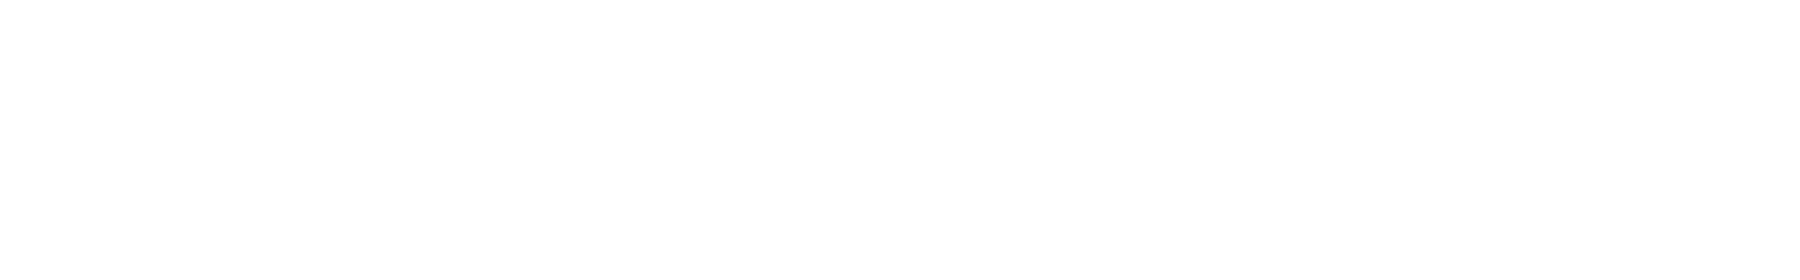 shg drum loop 11